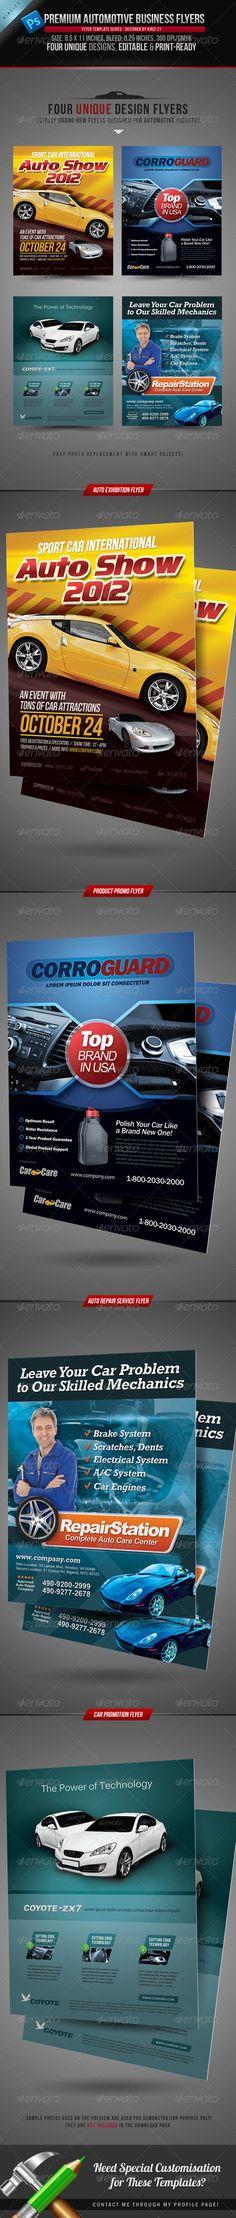 Car Dealer \ Auto Services Business Flyer Auto service, Business - auto detailing flyer template